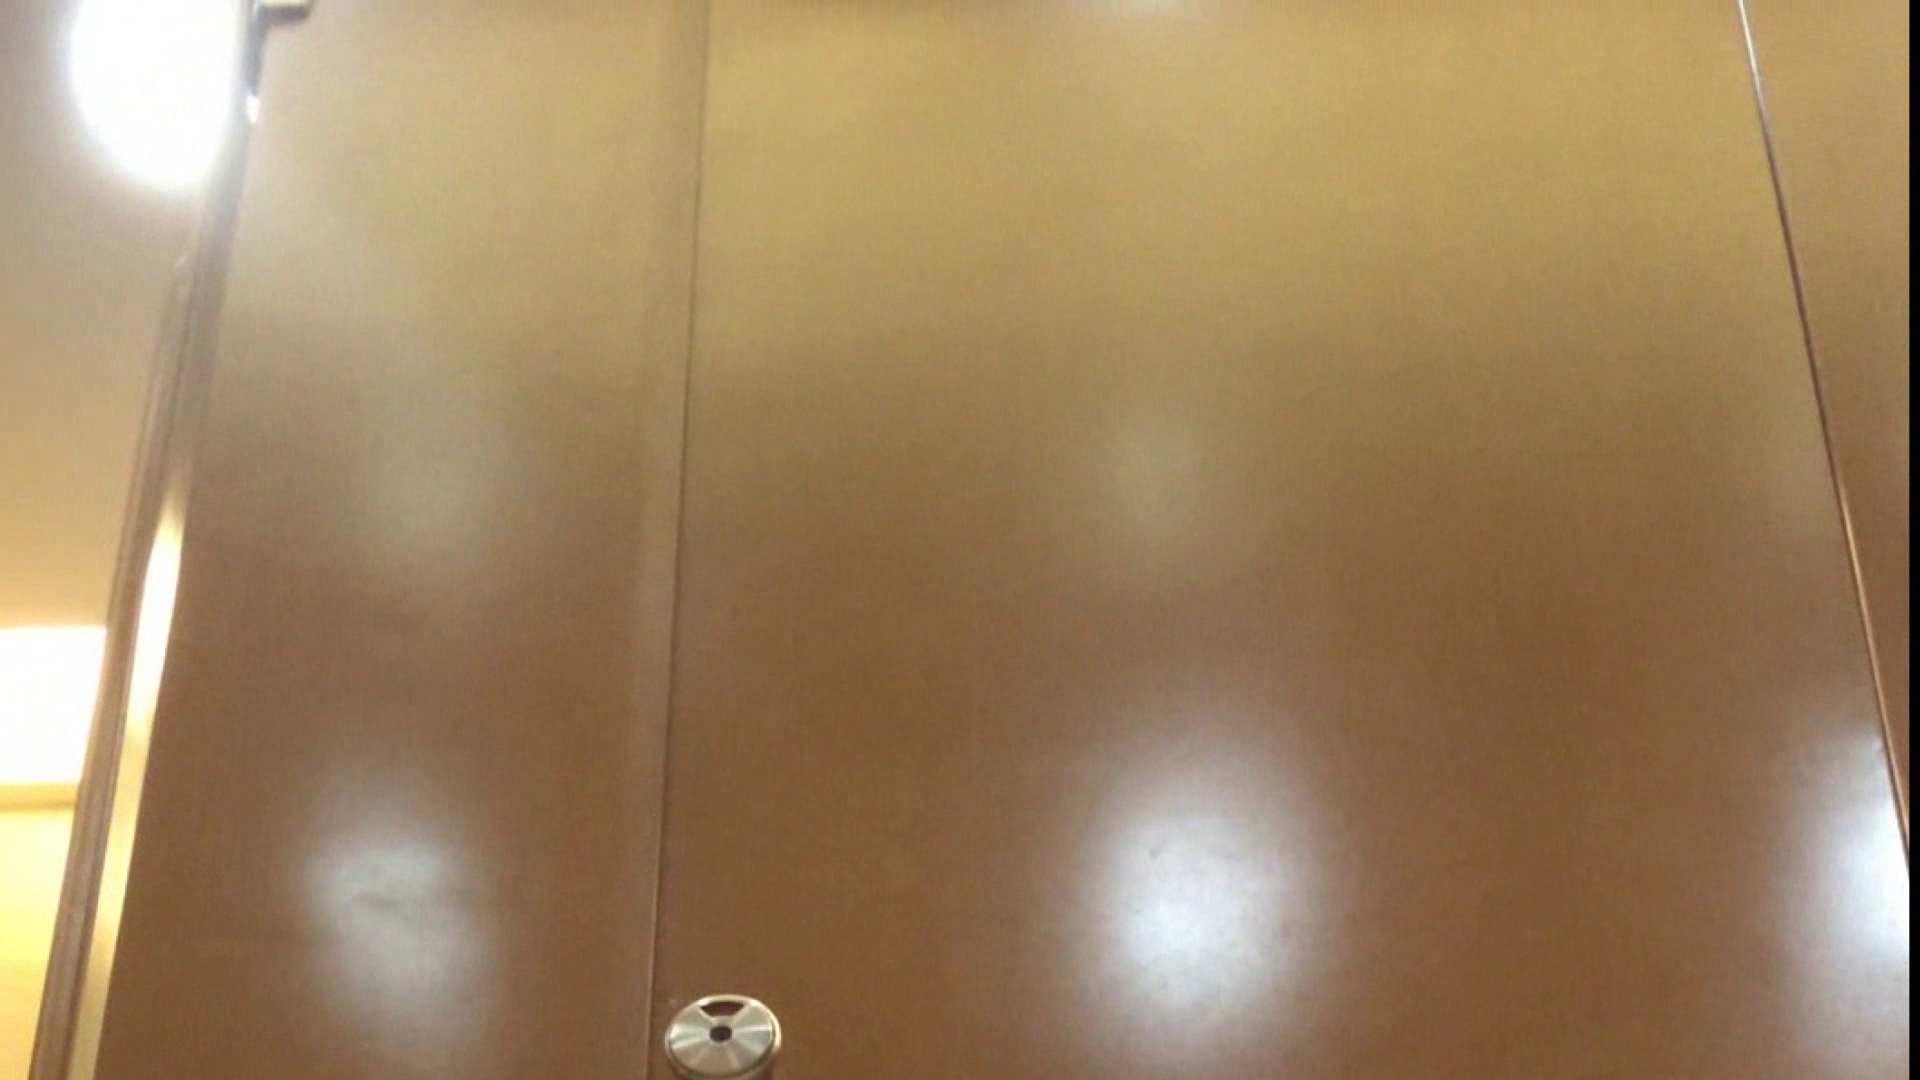 「噂」の国の厠観察日記2 Vol.01 人気シリーズ | 厠・・・  89PIX 15